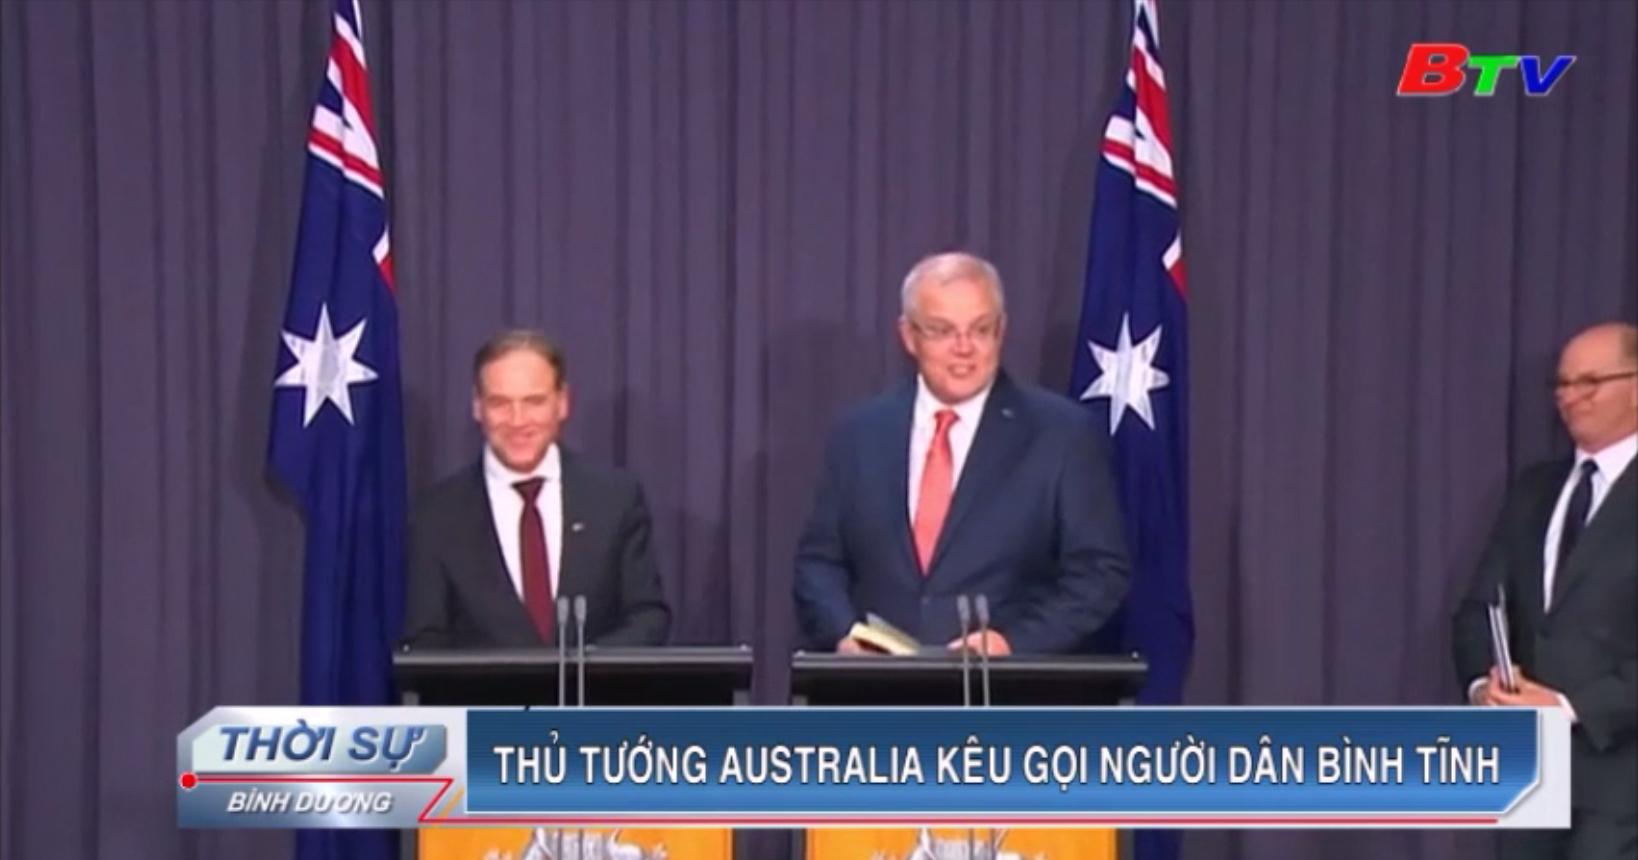 Thủ tướng Australia kêu gọi người dân bình tĩnh